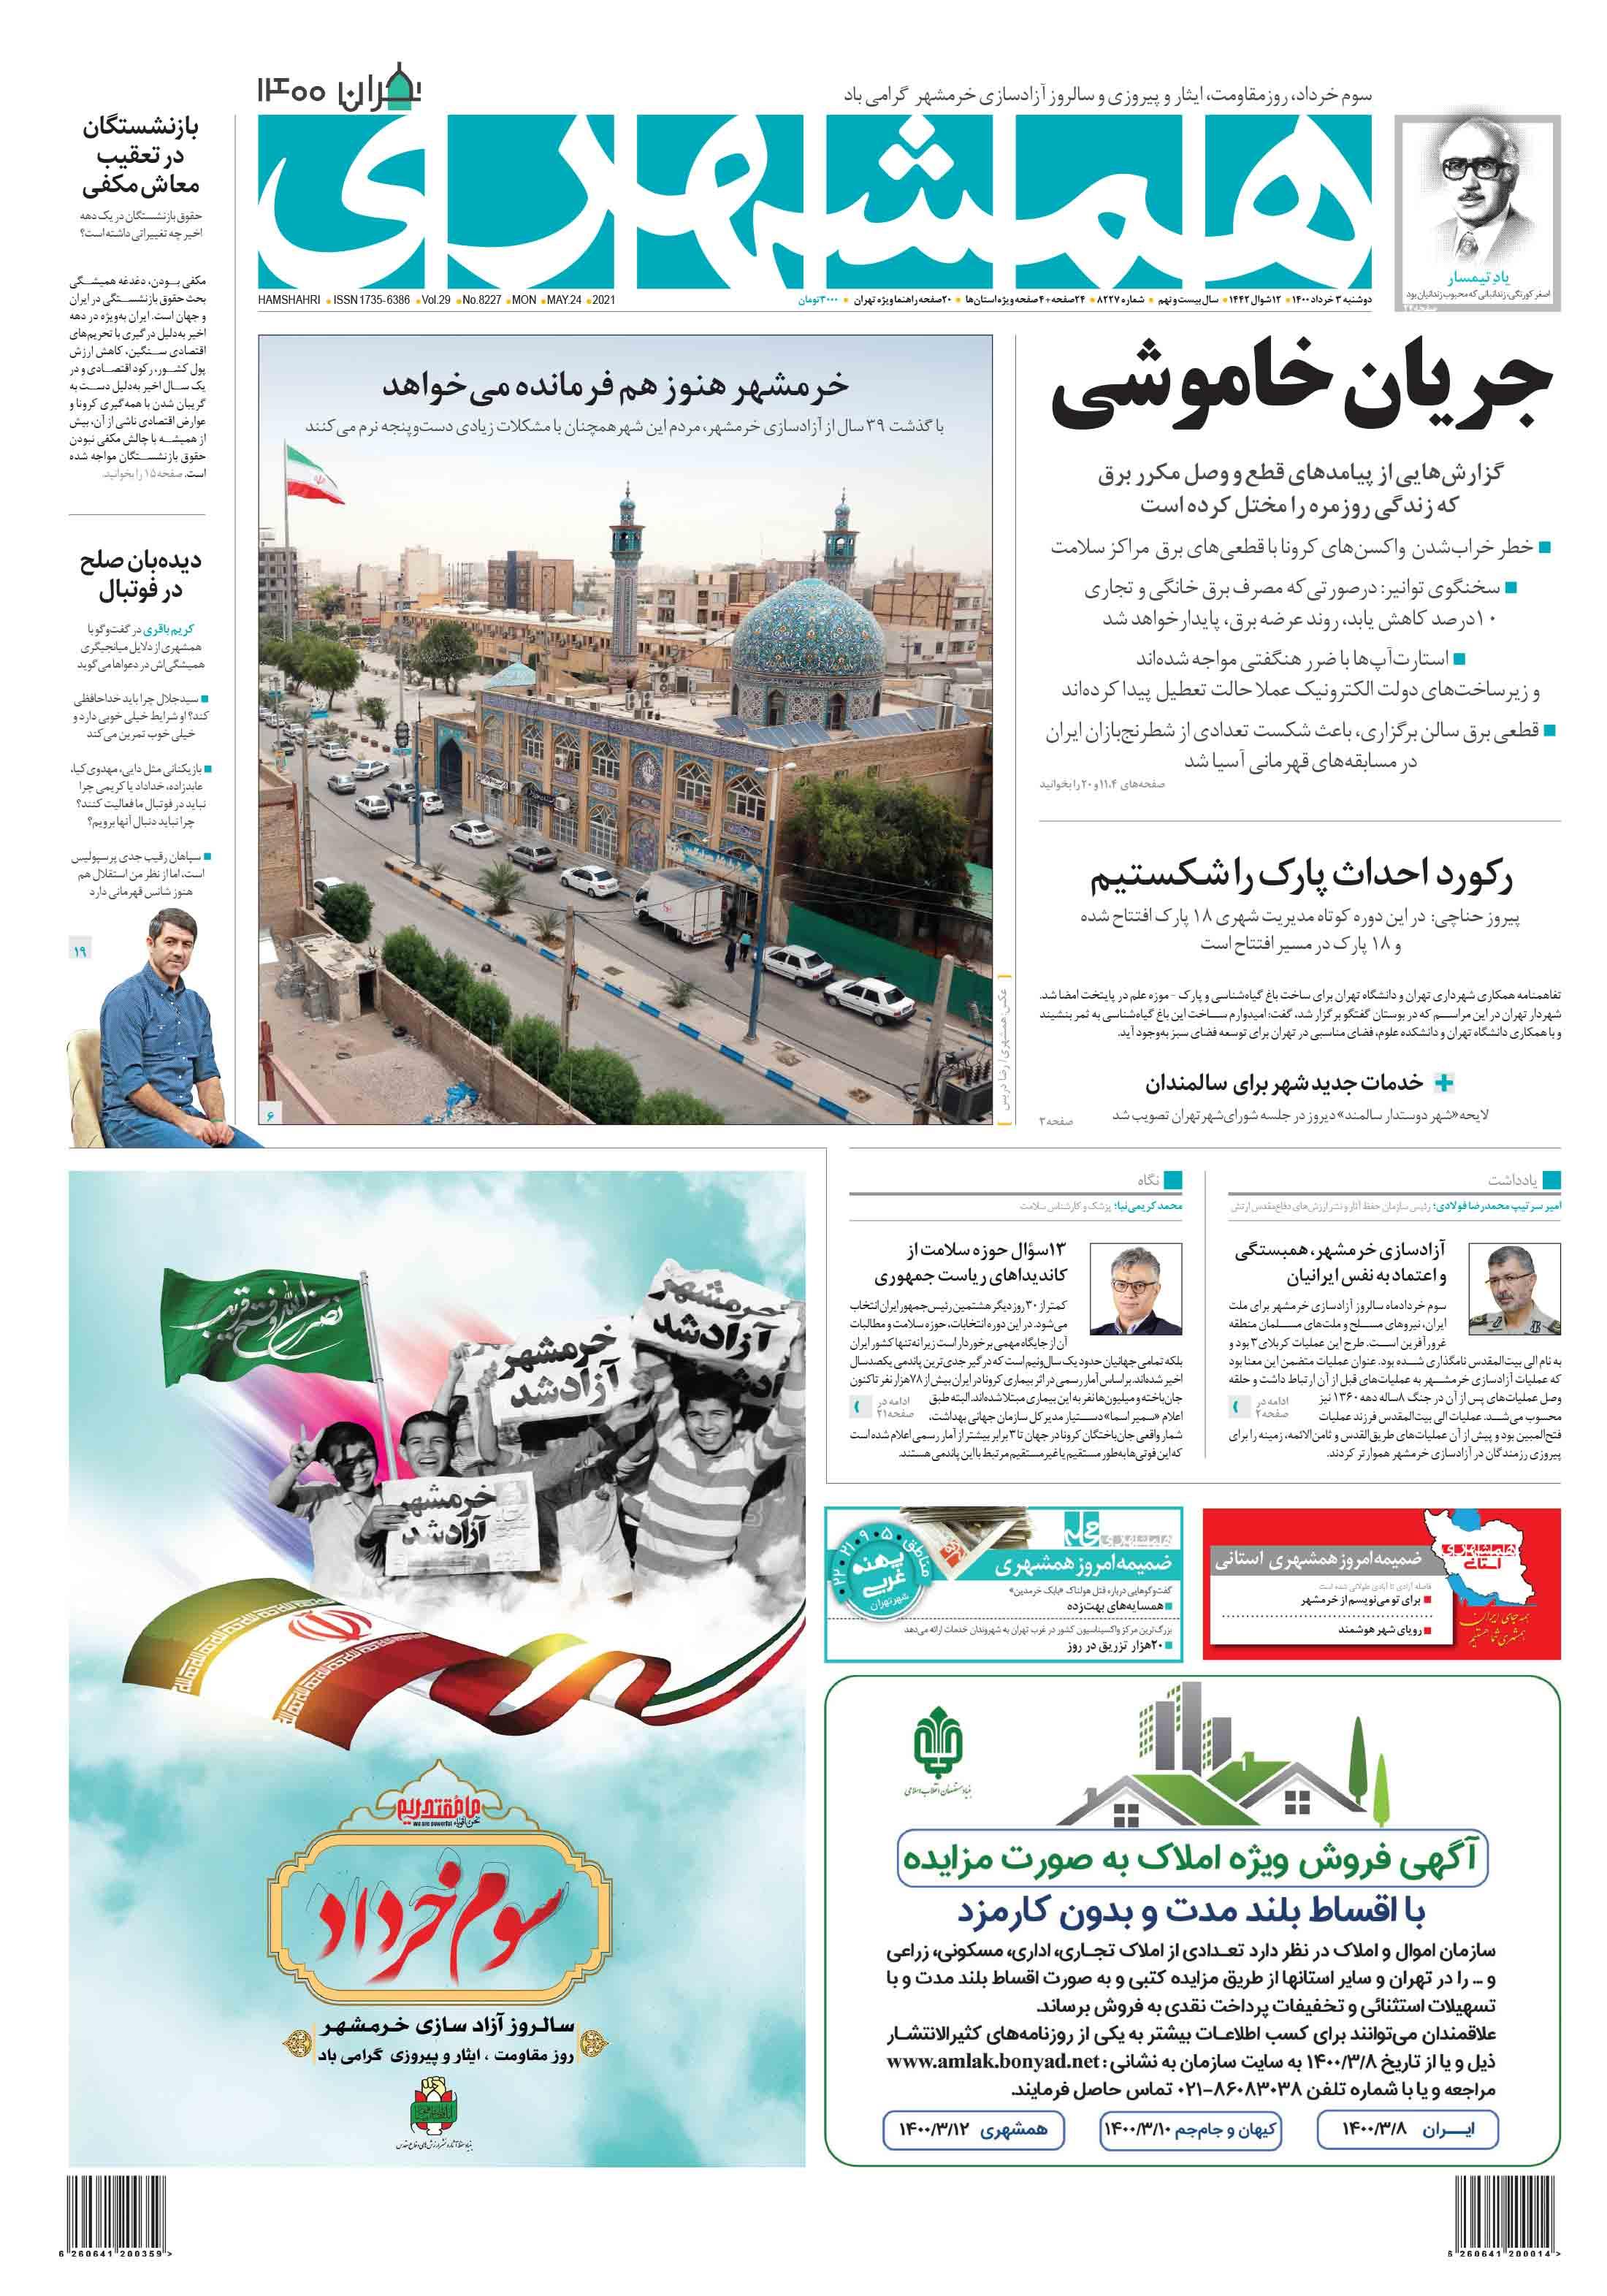 صفحه اول دوشنبه 3 خرداد 1400